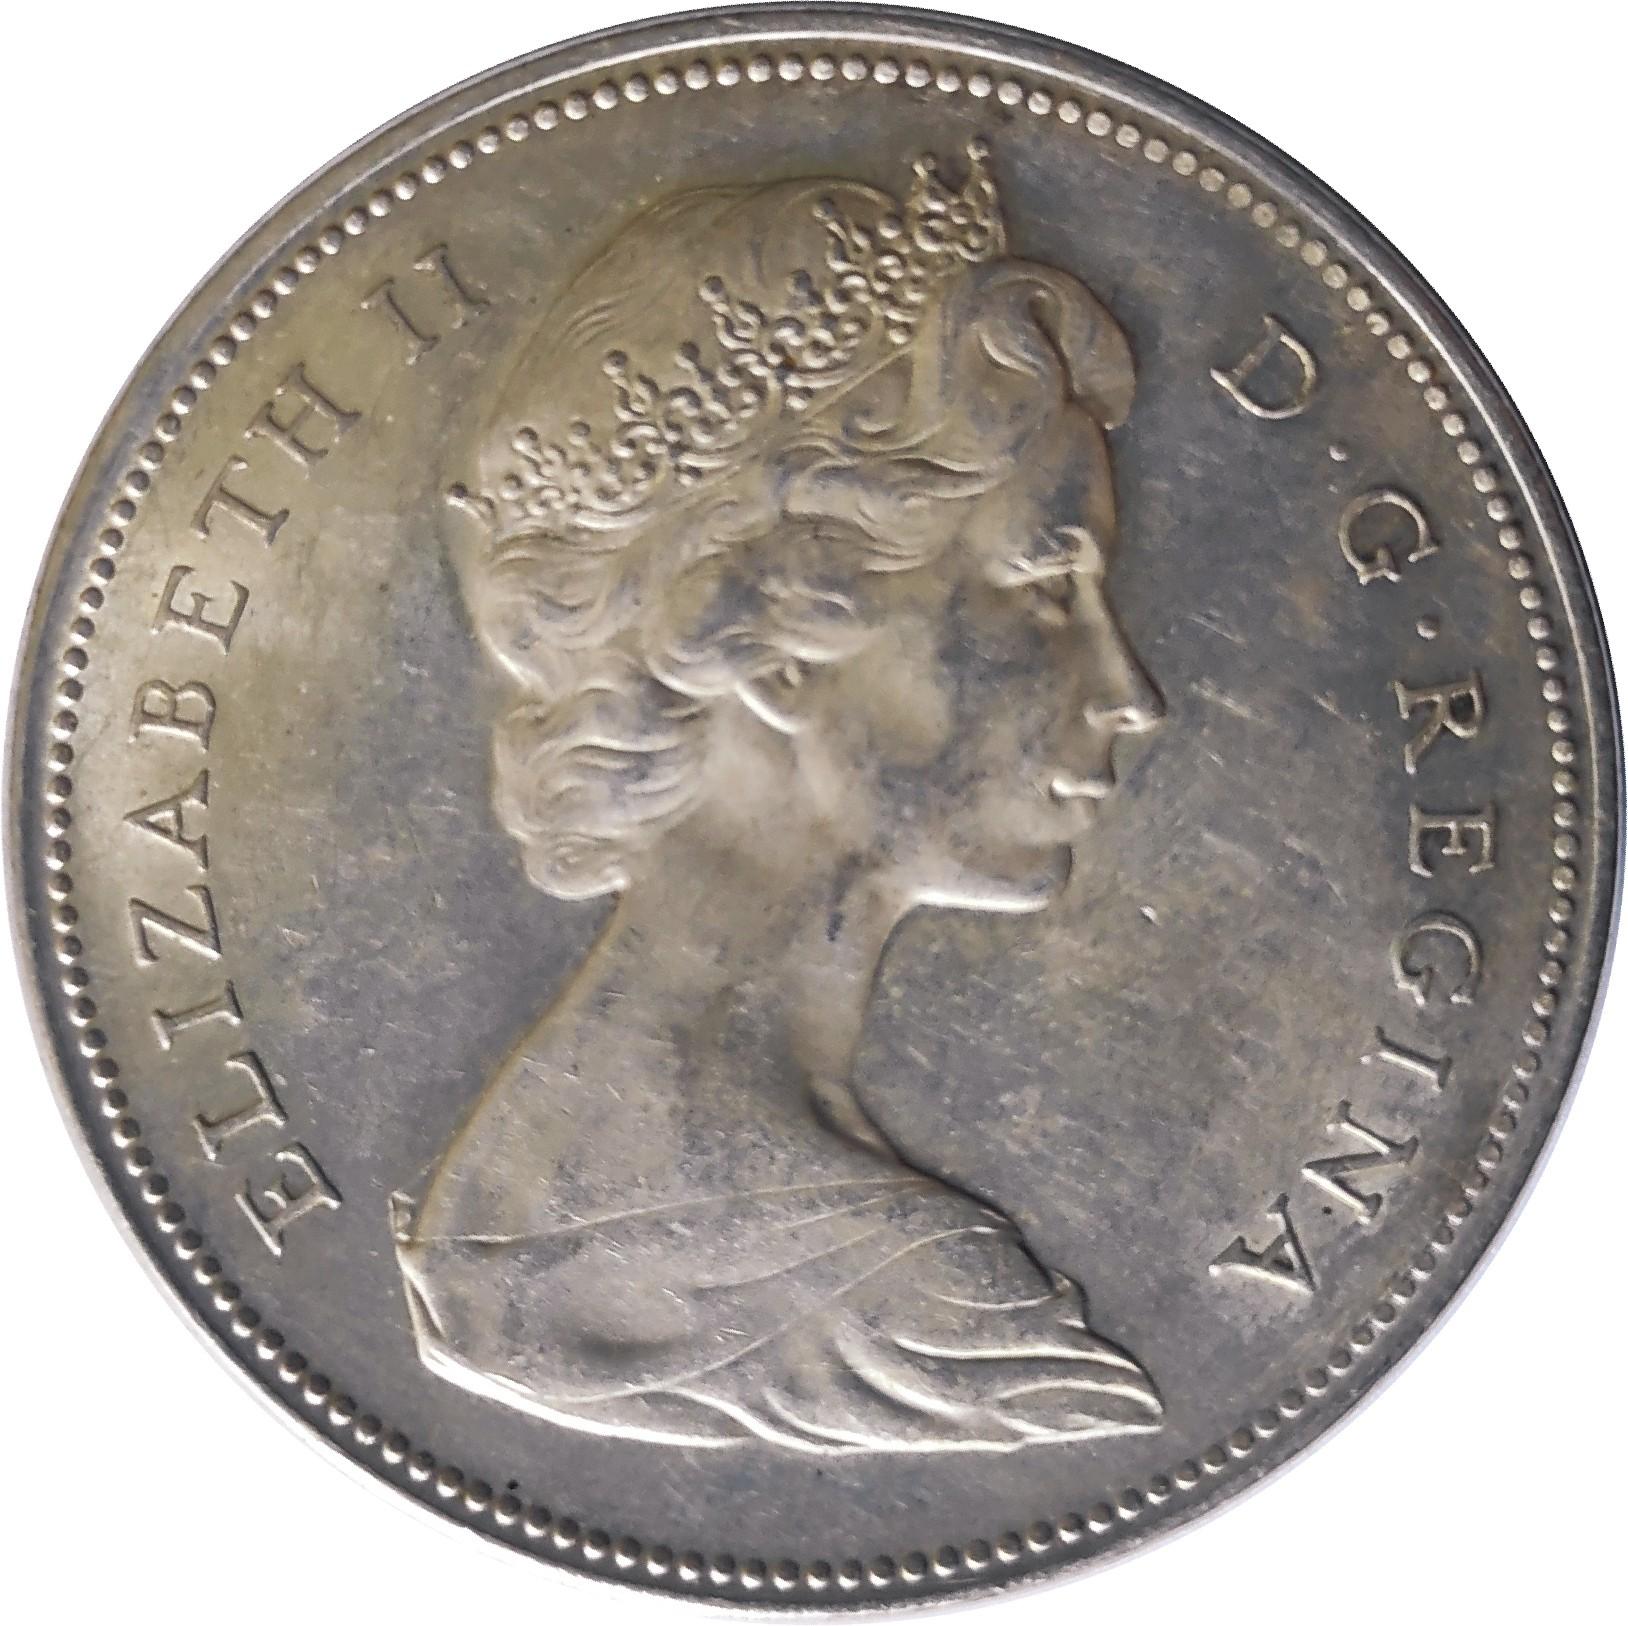 Obverse Of 1 Dollar